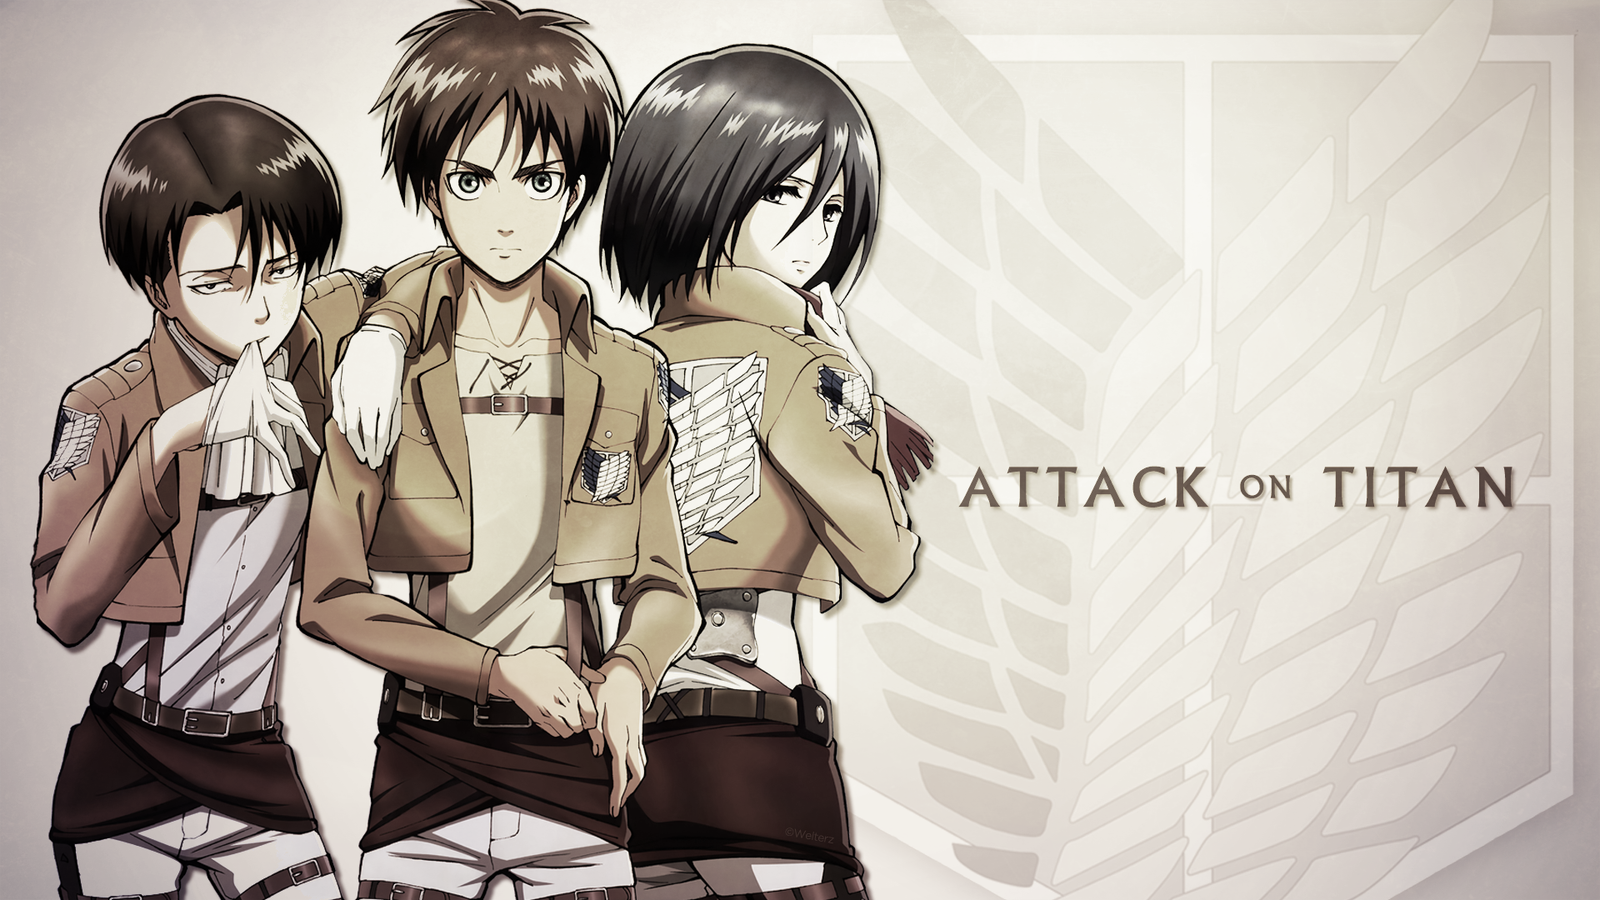 Attack on Titan - Eren/Levi/Mikasa by Welterz on DeviantArt